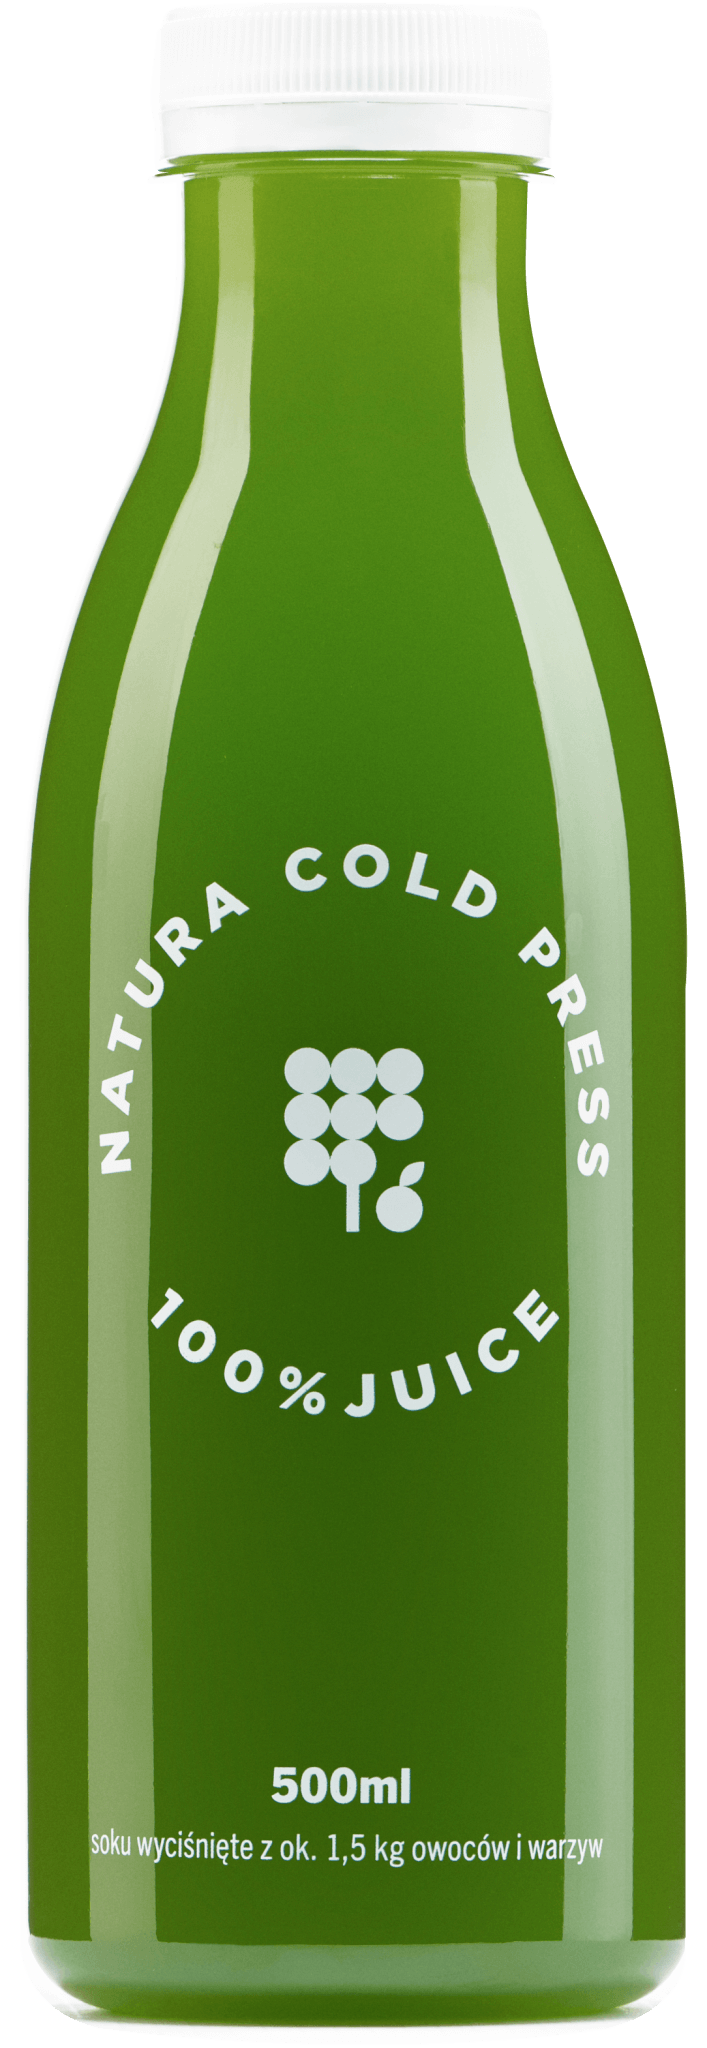 Mr. Green sok oczyszczający